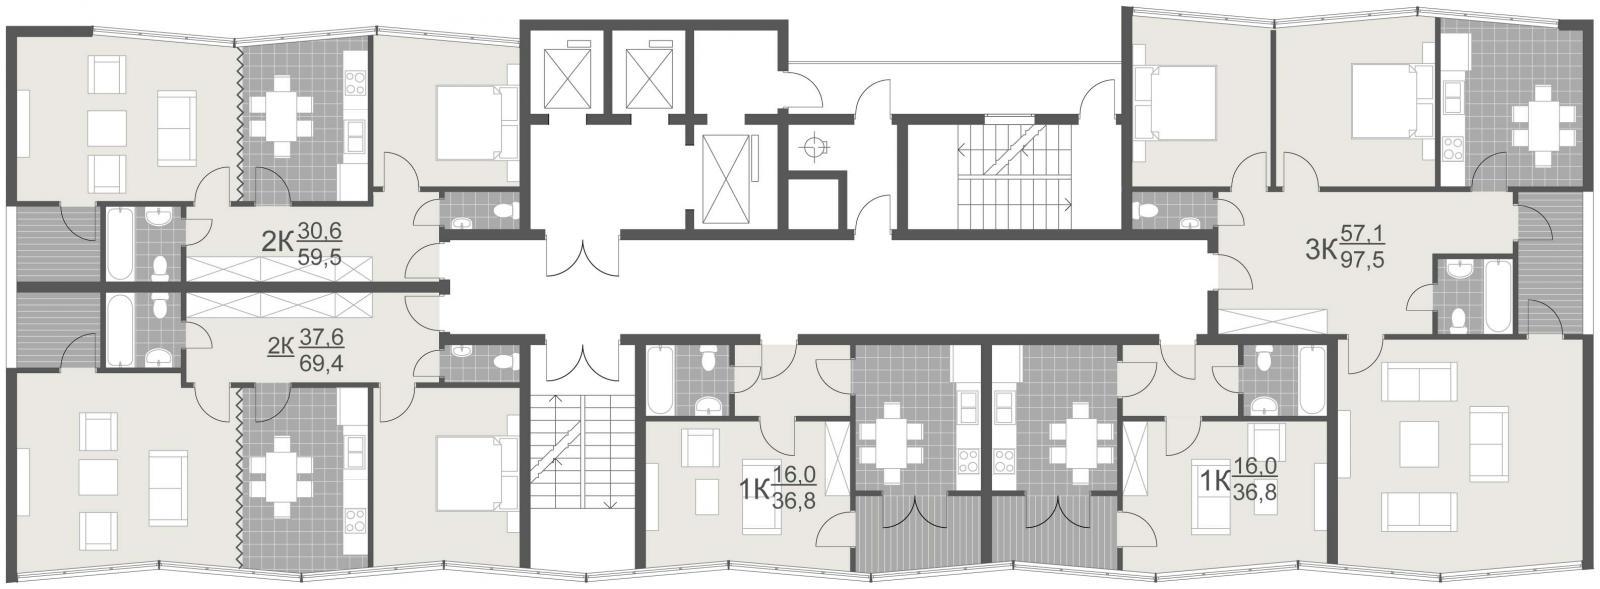 Высотный жилой дом, ул. Товарная, г. Киев - 5